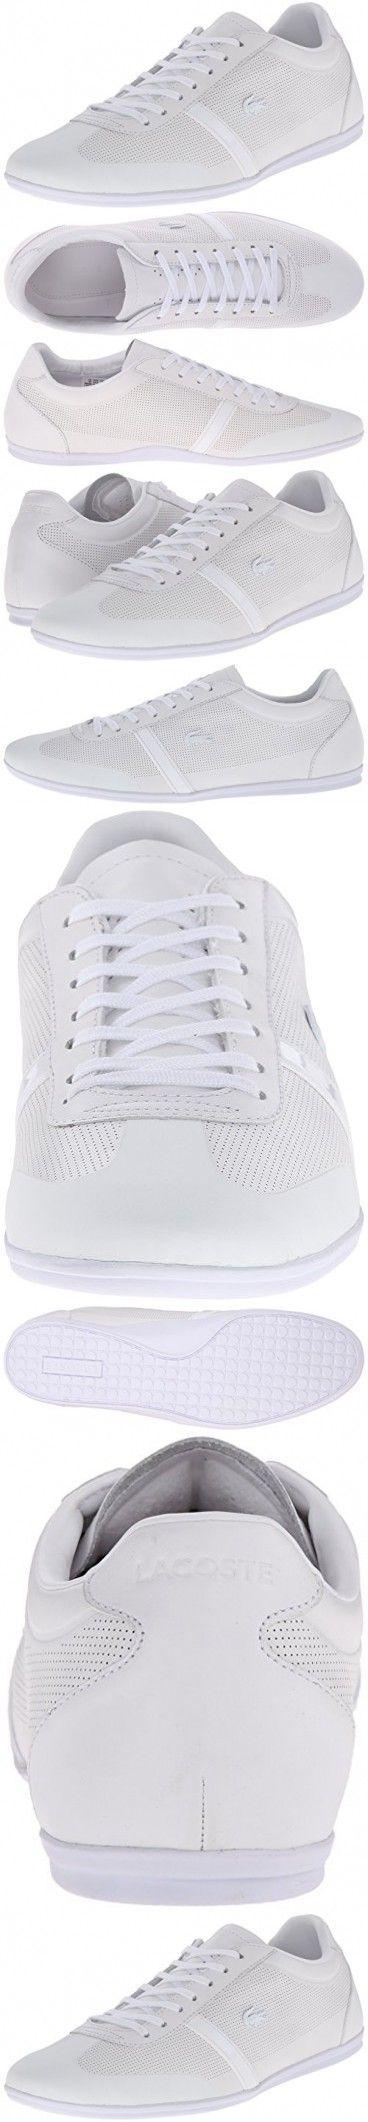 Lacoste Men's Mokara 116 1 Cam Fashion Sneaker Fashion Sneaker, White, 9 M US